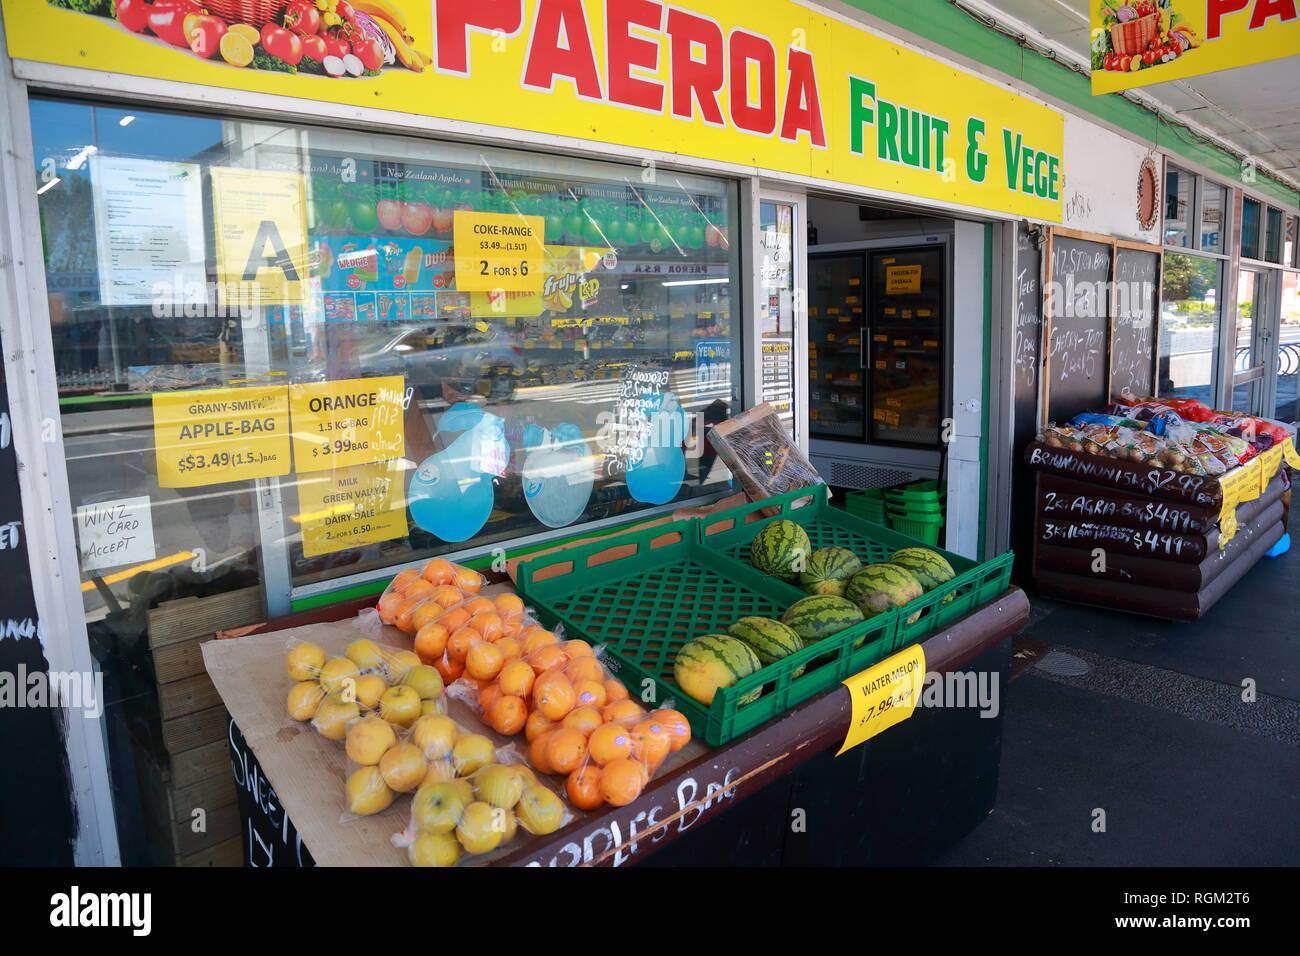 Les fruits et légumes à Belmont Road, Paeroa, Nouvelle-Zélande Photo Stock